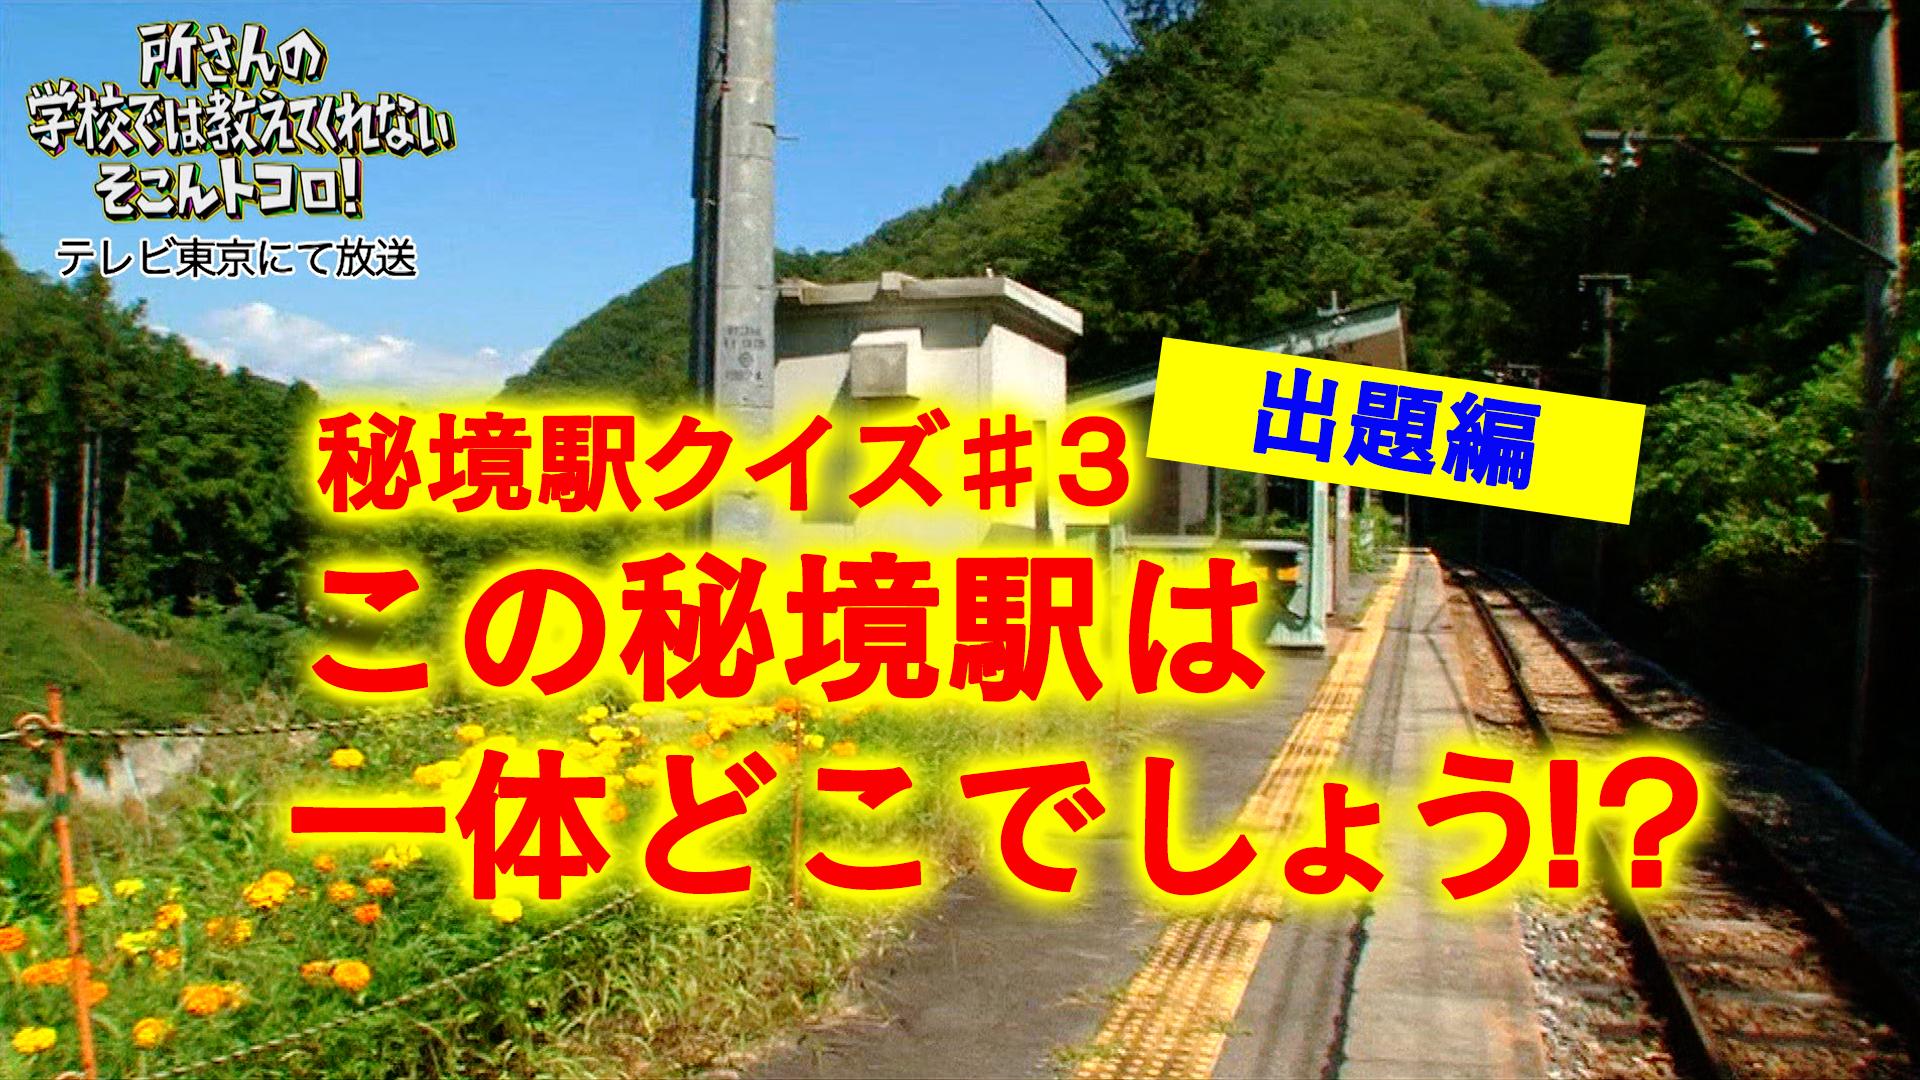 鉄道ファンへの挑戦状! 11月1日(金)「所さんのそこんトコロ!」で訪れる駅はどこ?